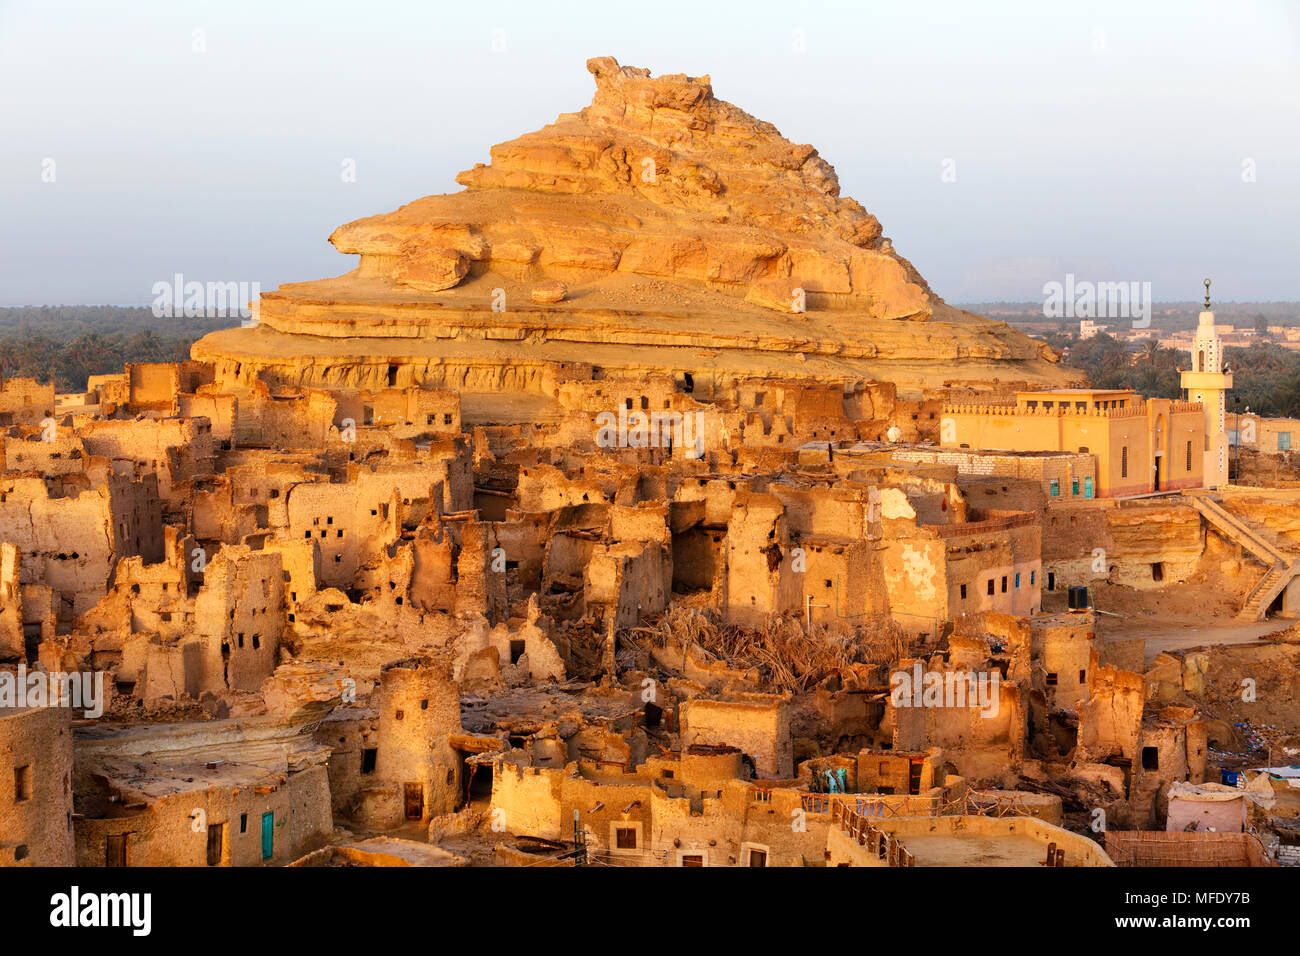 Vue des ruines de la forteresse de Shali dans le Siwa dans le désert du Sahara en Egypte Photo Stock